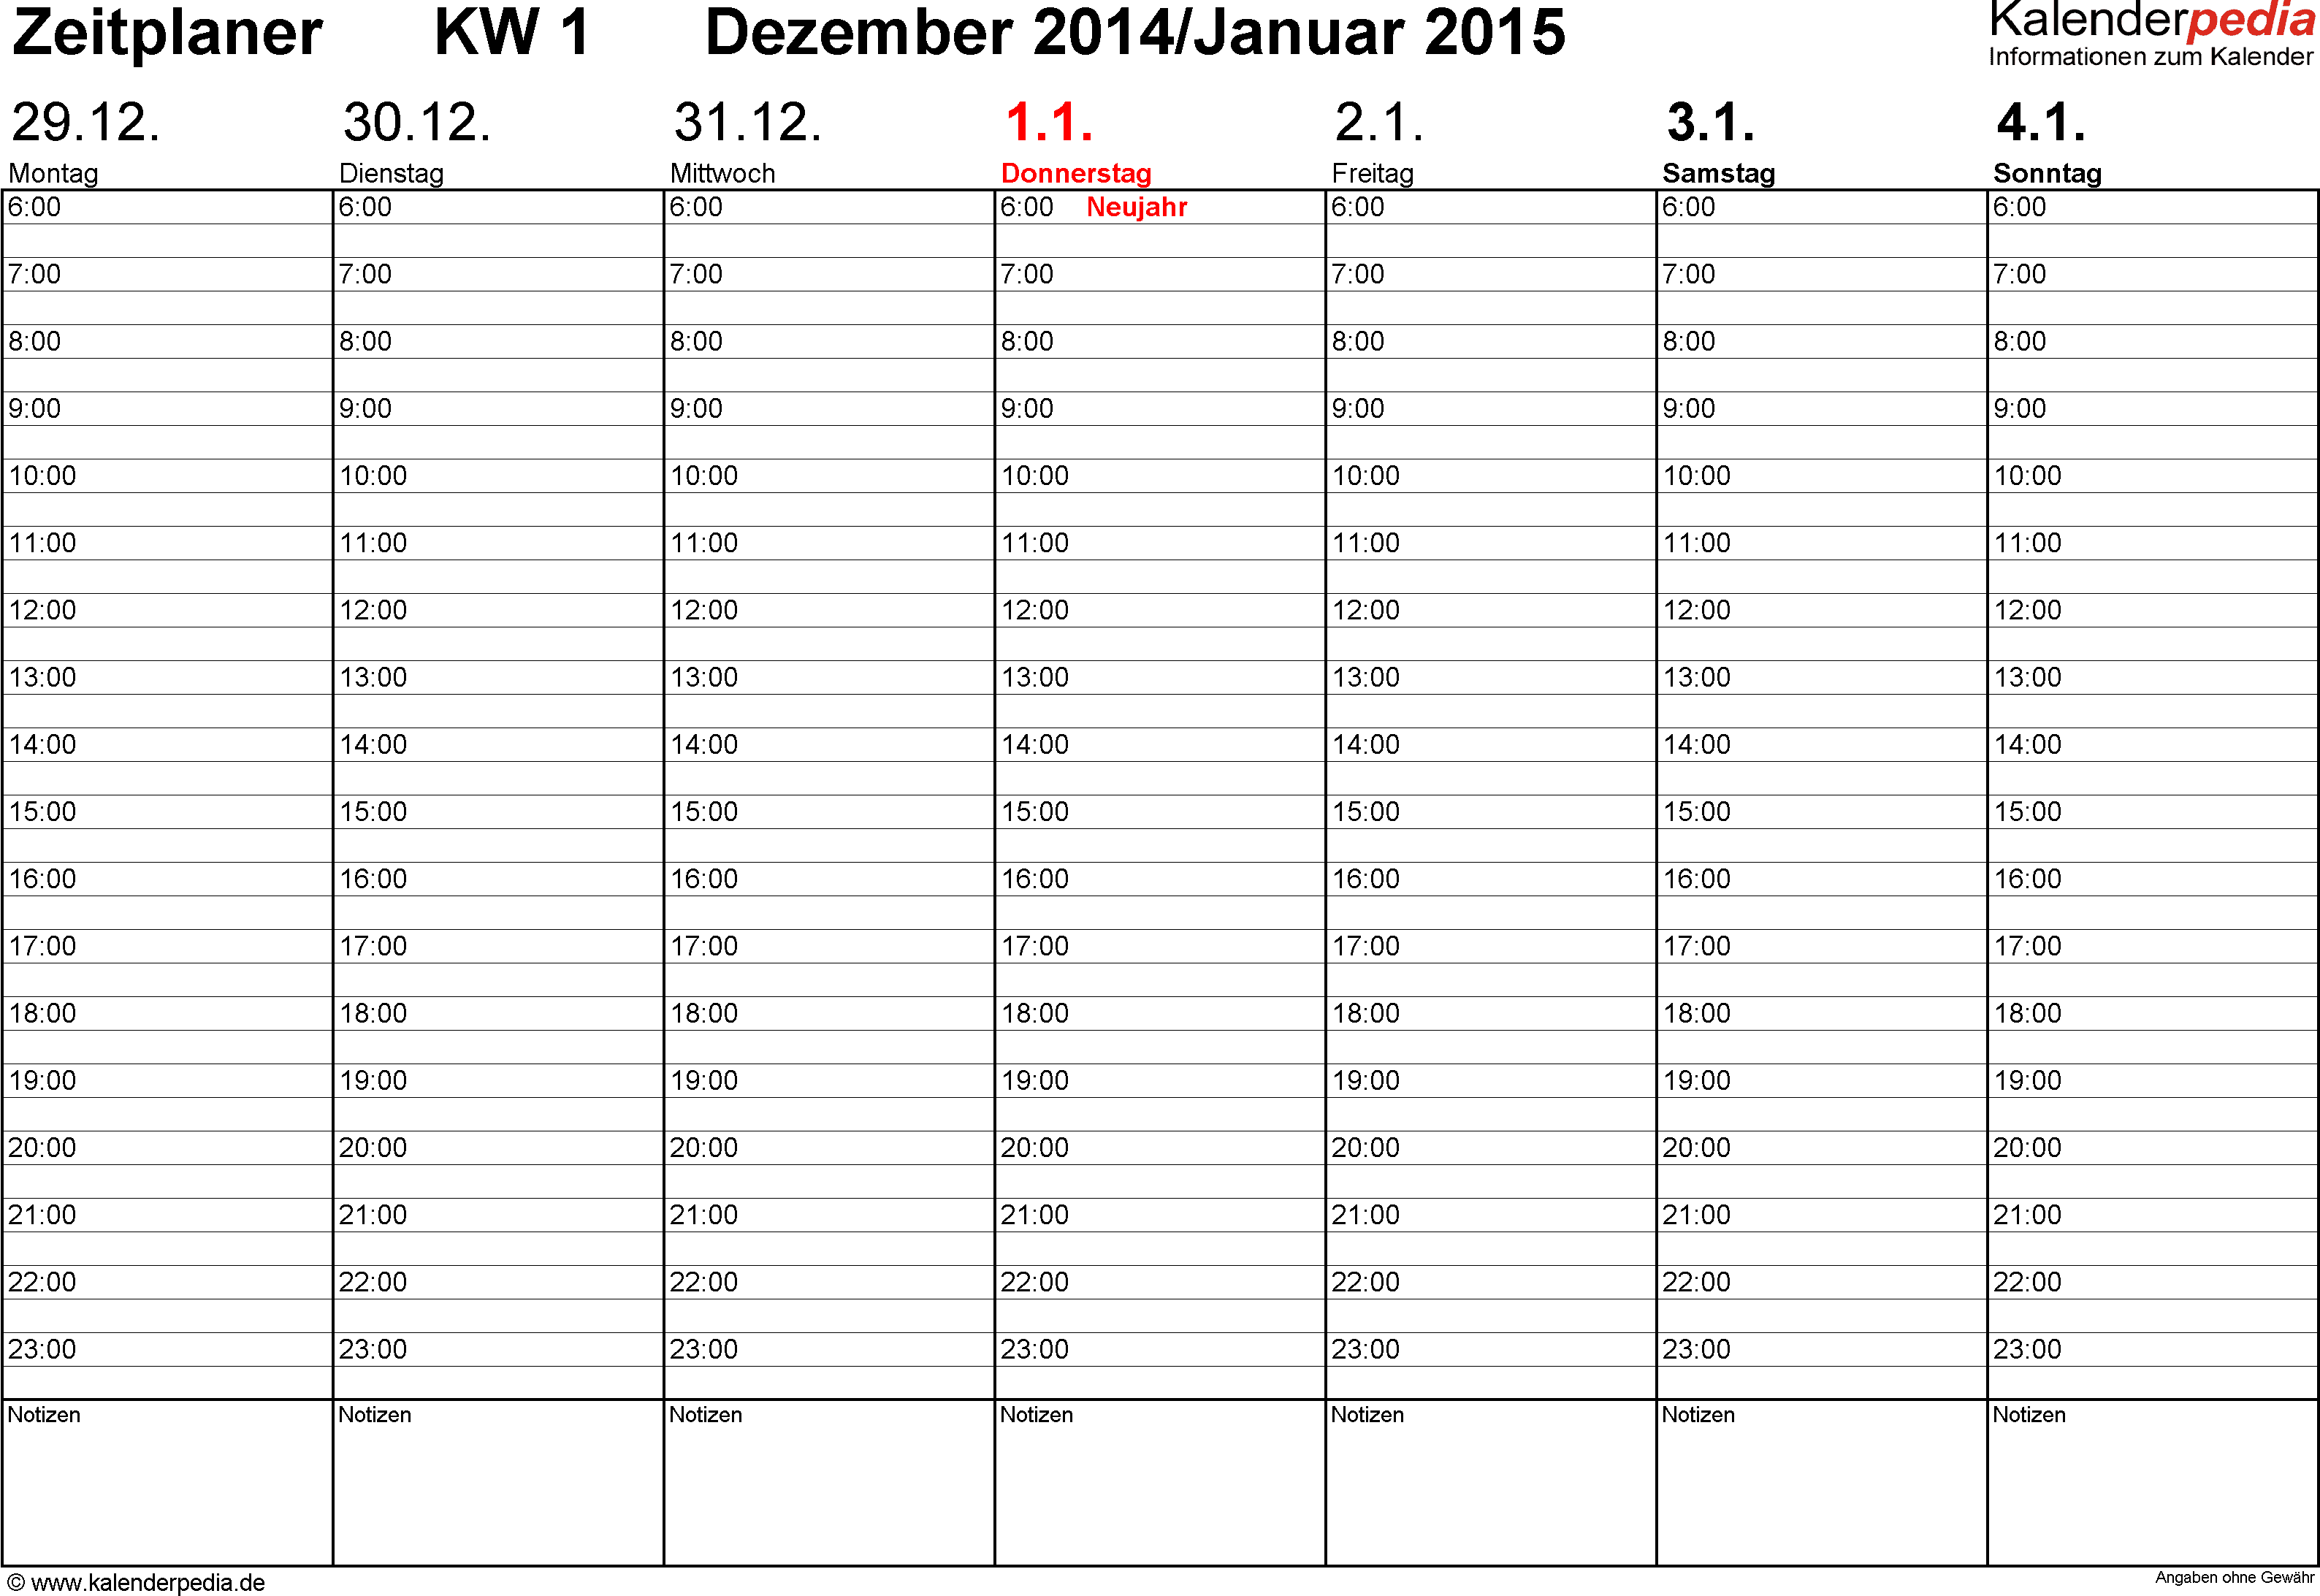 Vorlage 3: Wochenkalender 2015 als PDF-Vorlage, Zeitplaner-Layout, Querformat, 53 Seiten (1 Woche auf 1 Seite)